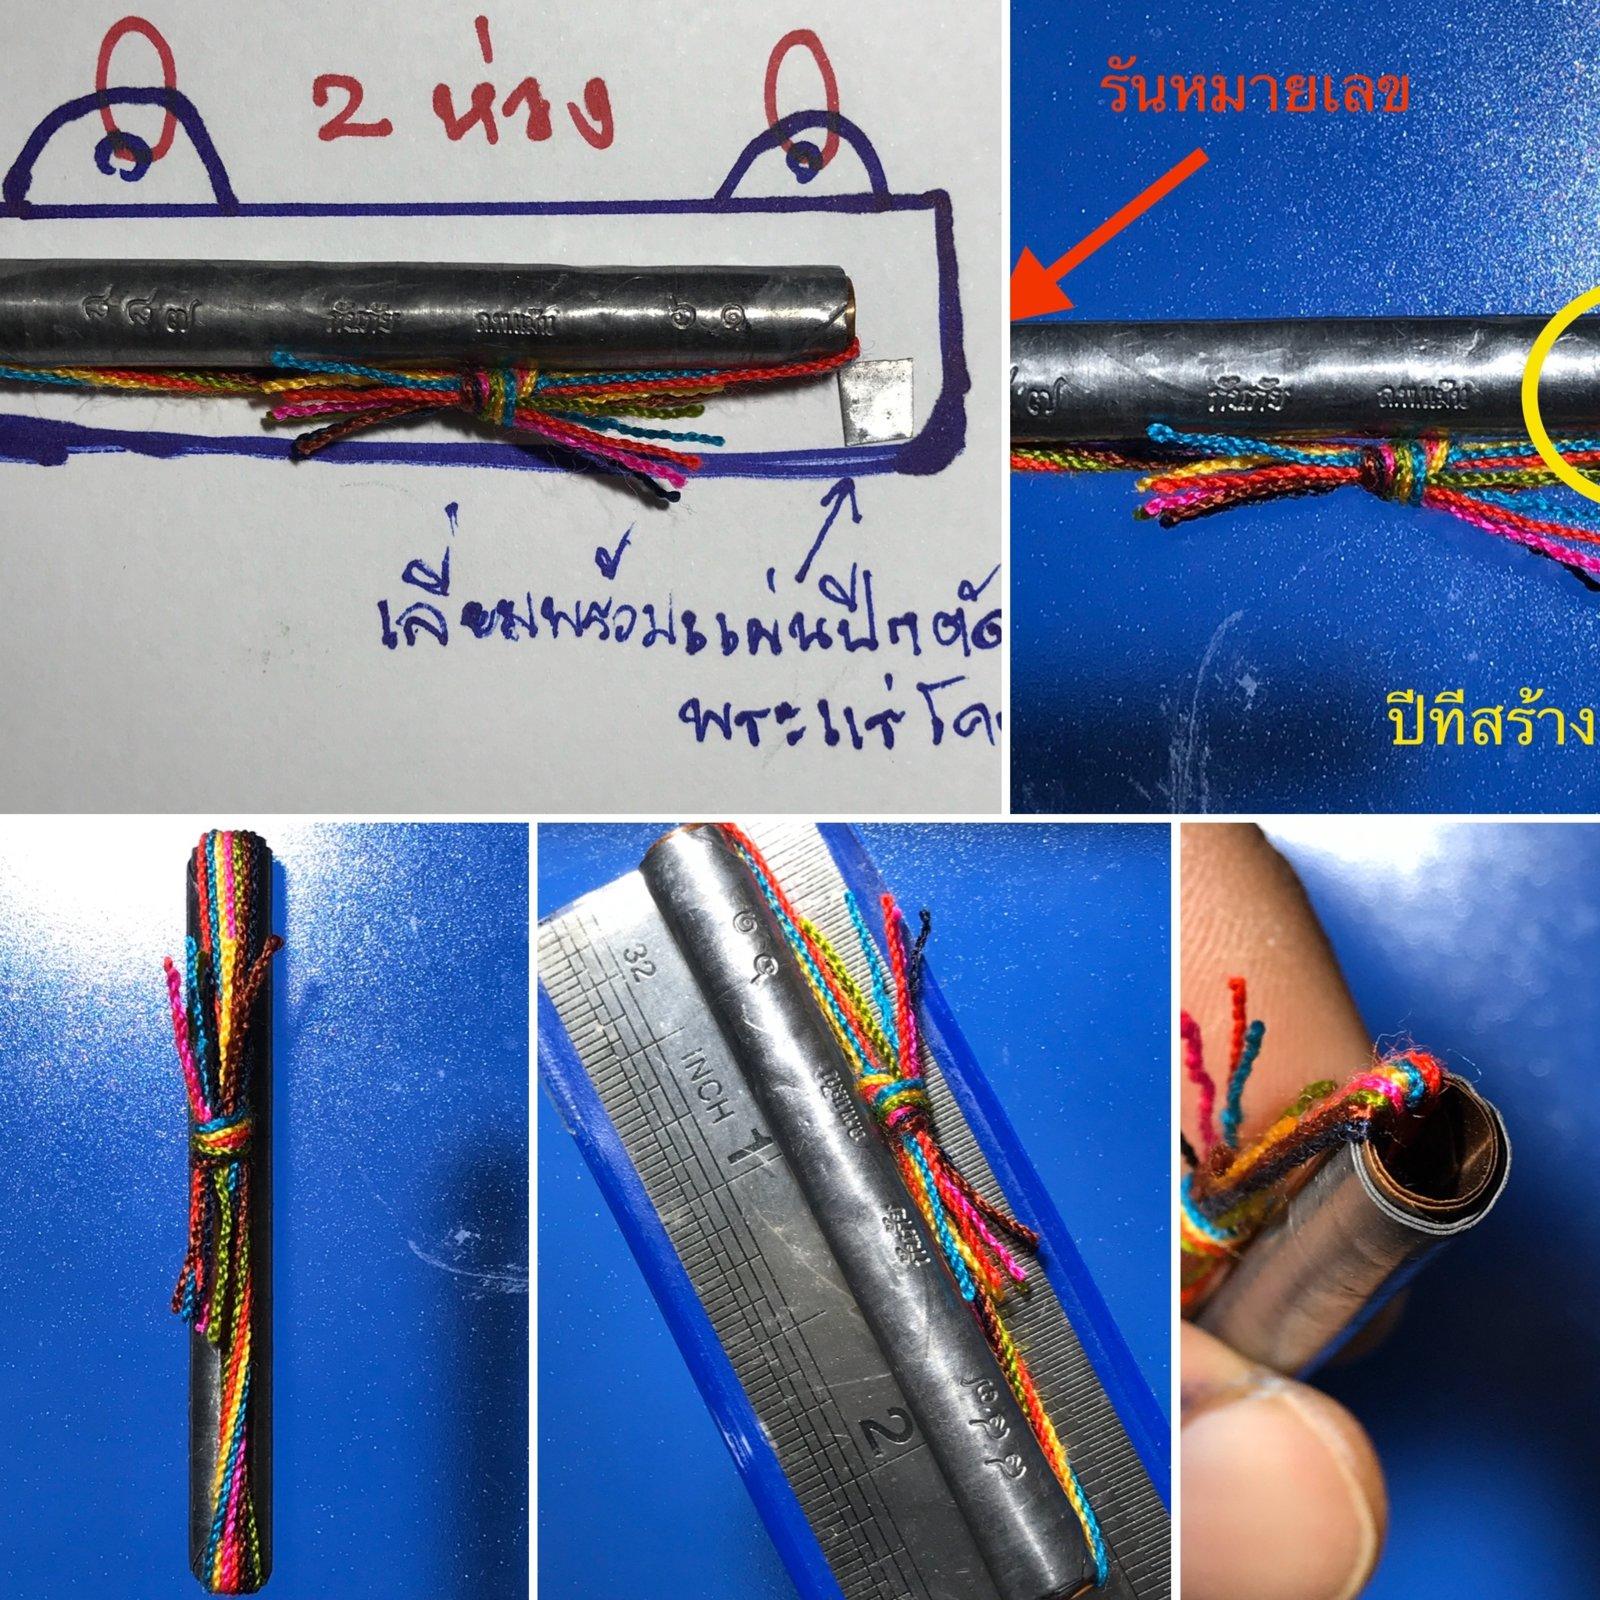 7FE03F29-B999-4B8E-9709-325687FE2E16.jpeg